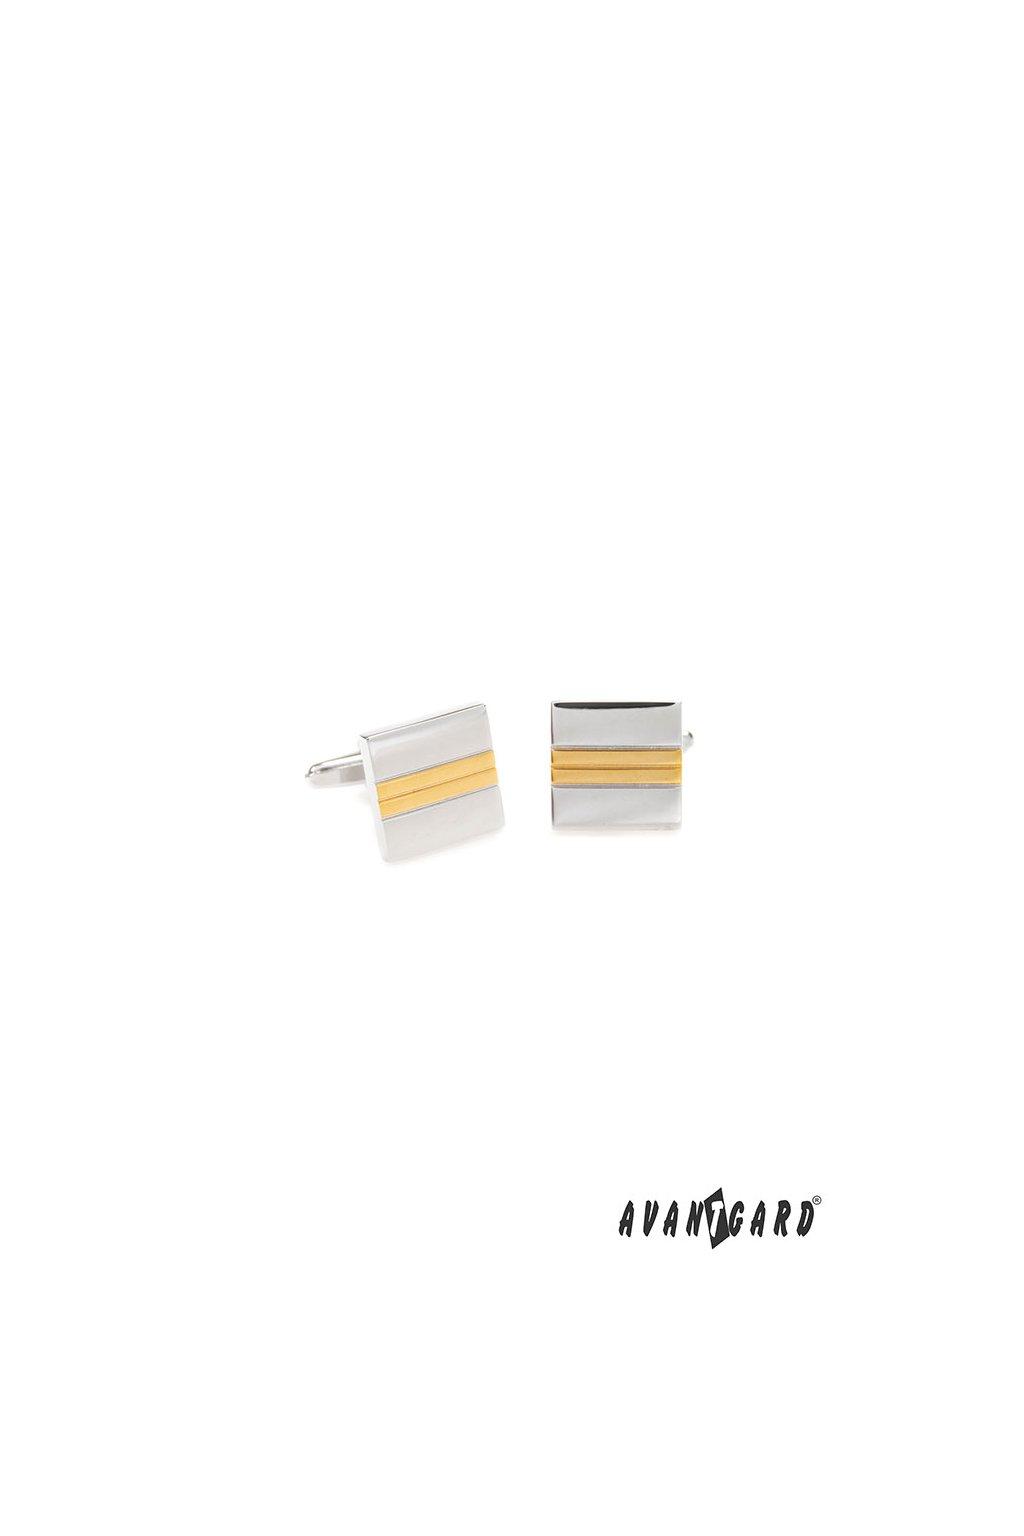 Manžetové knoflíčky PREMIUM, 573-30009, Stříbrná, zlatá